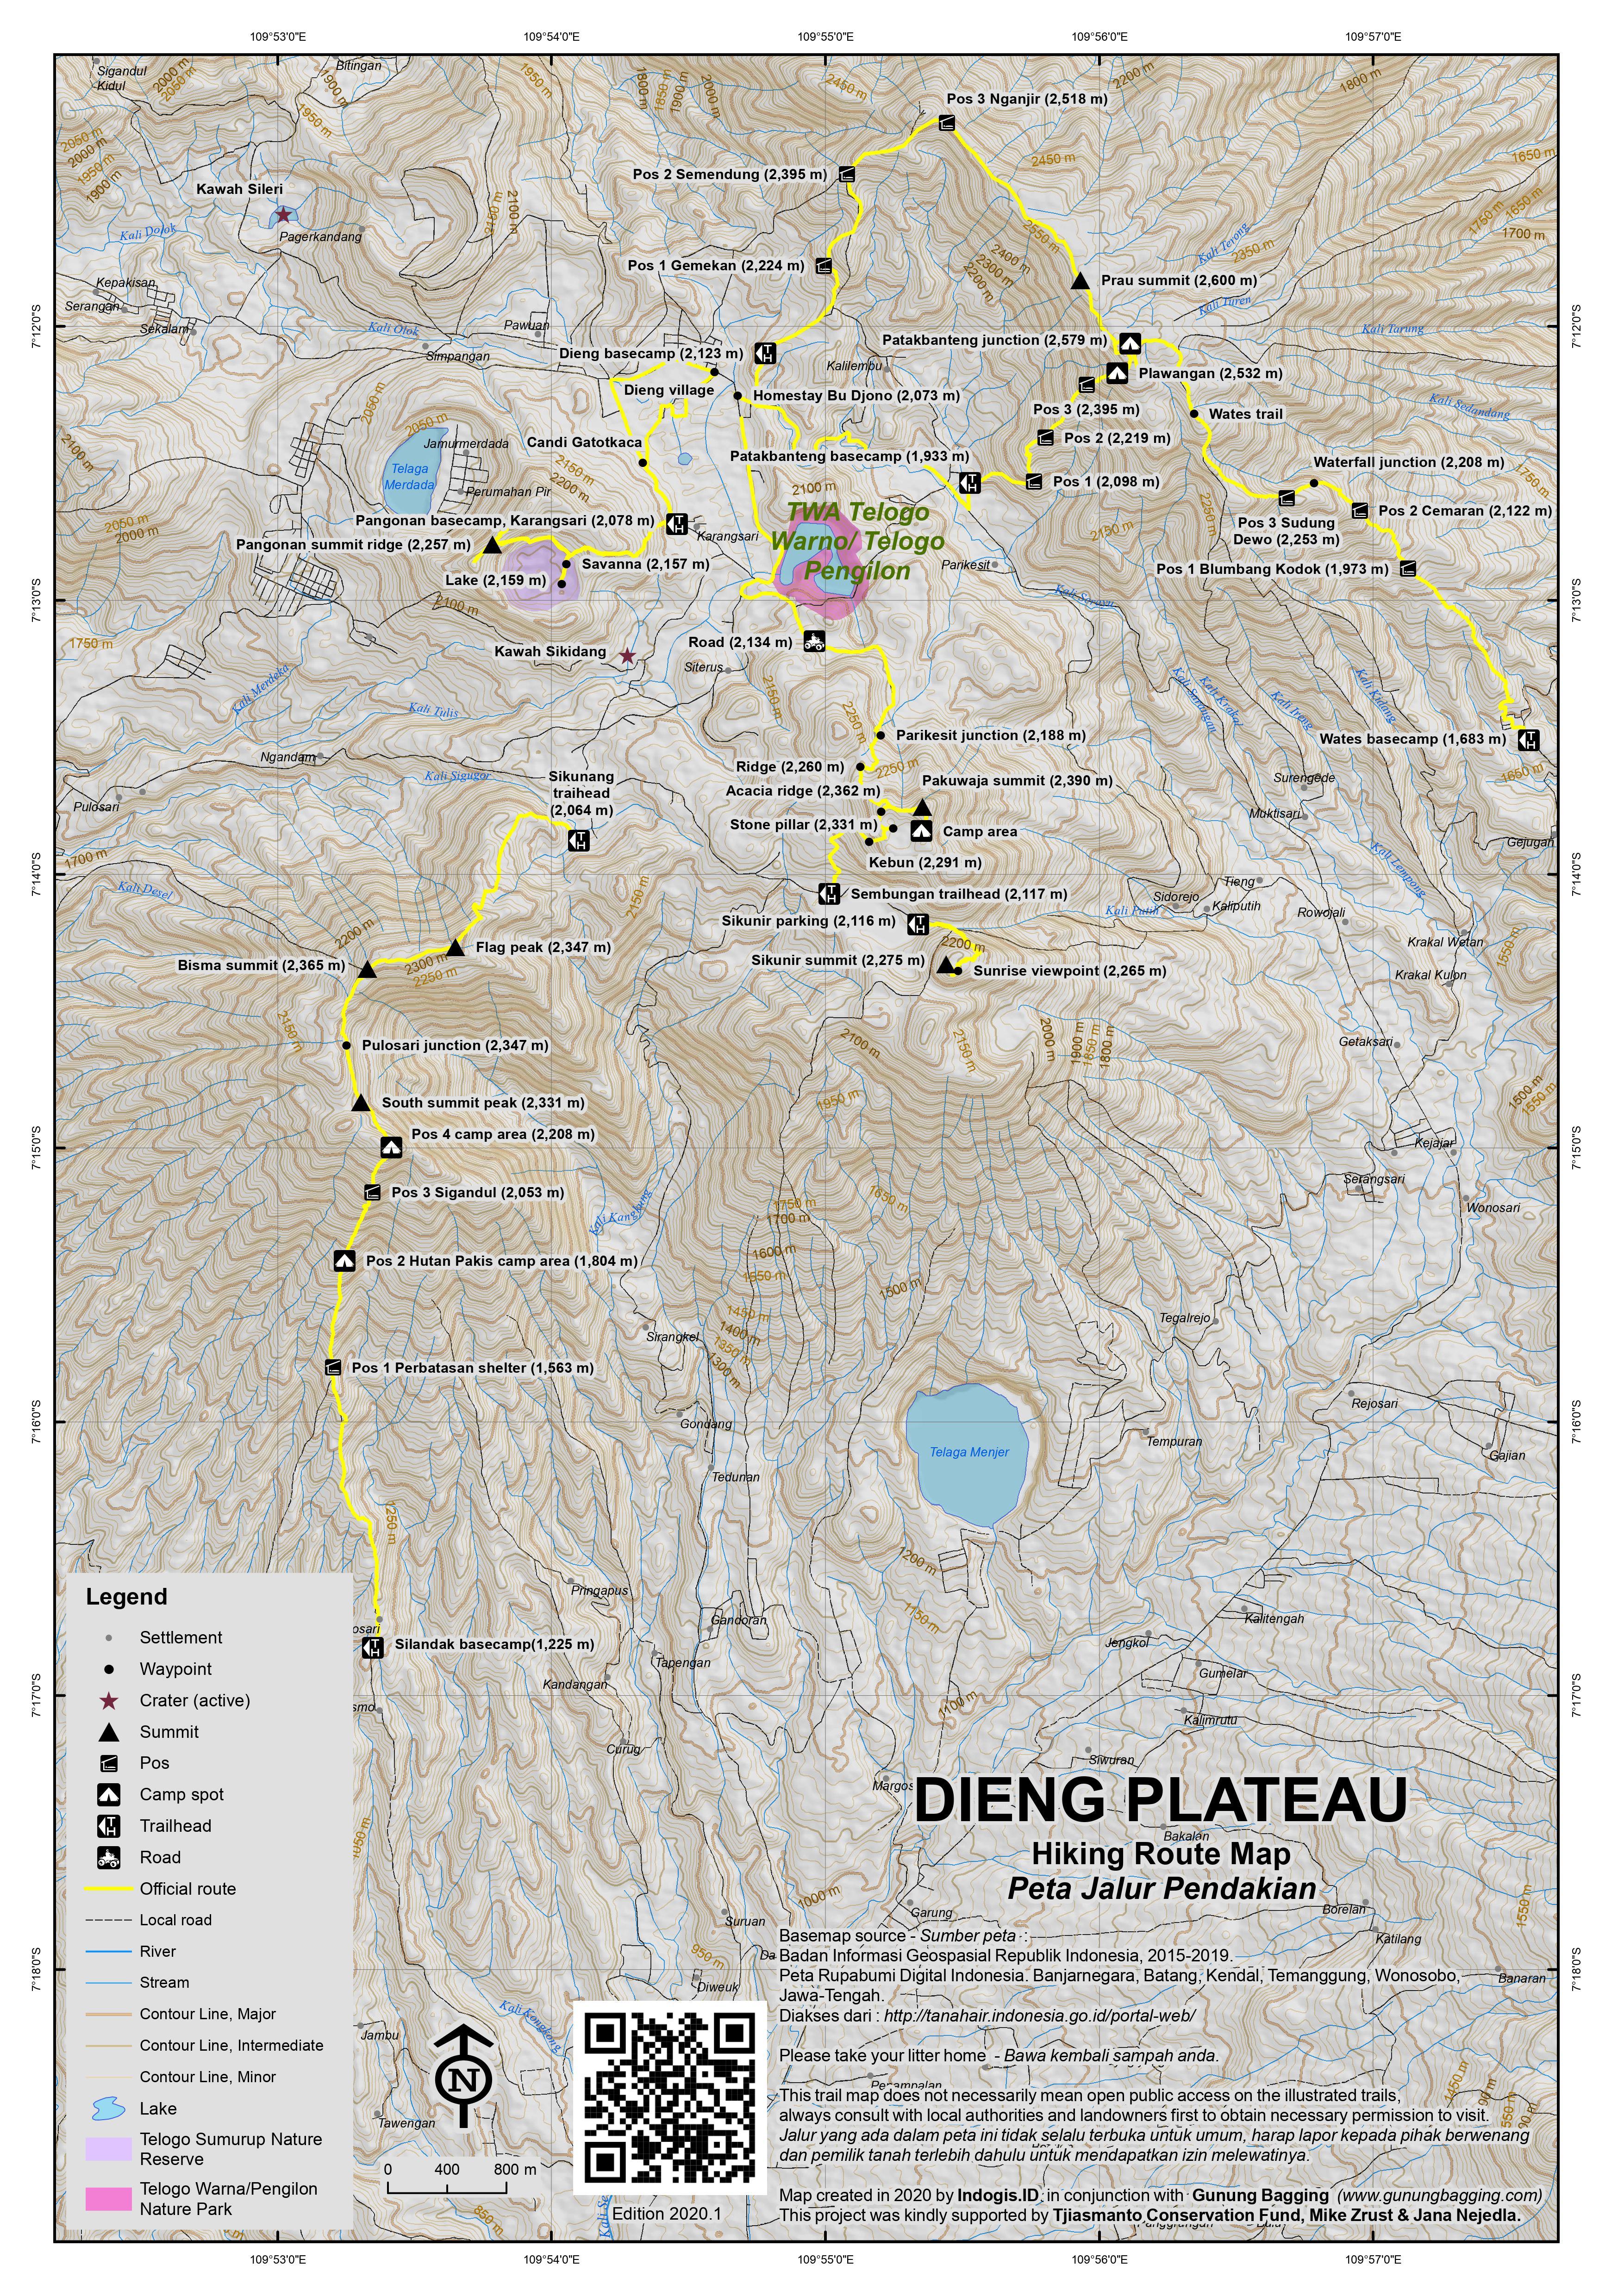 Peta Jalur Pendakian Dieng Plateau